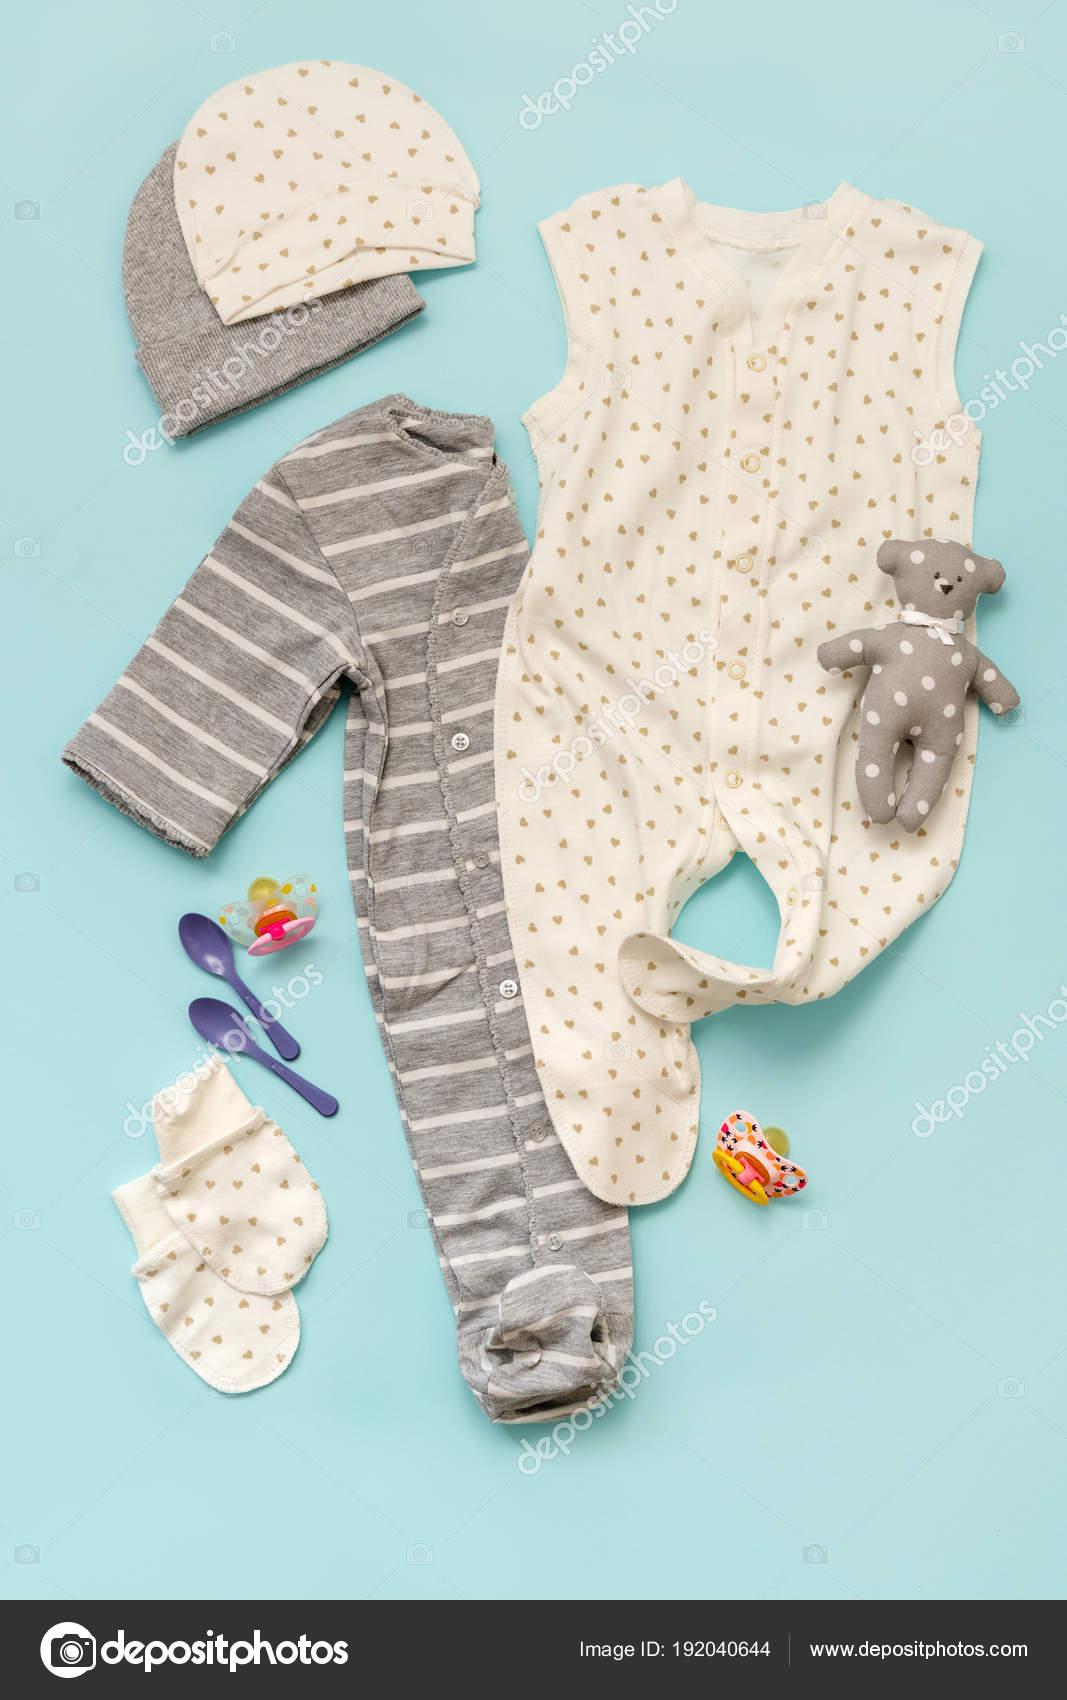 1f24ee48d6a Σετ Παιδικά Ρούχα Για Νεογέννητο Αγόρι Και Κορίτσι Μπλε Φόντο — Φωτογραφία  Αρχείου